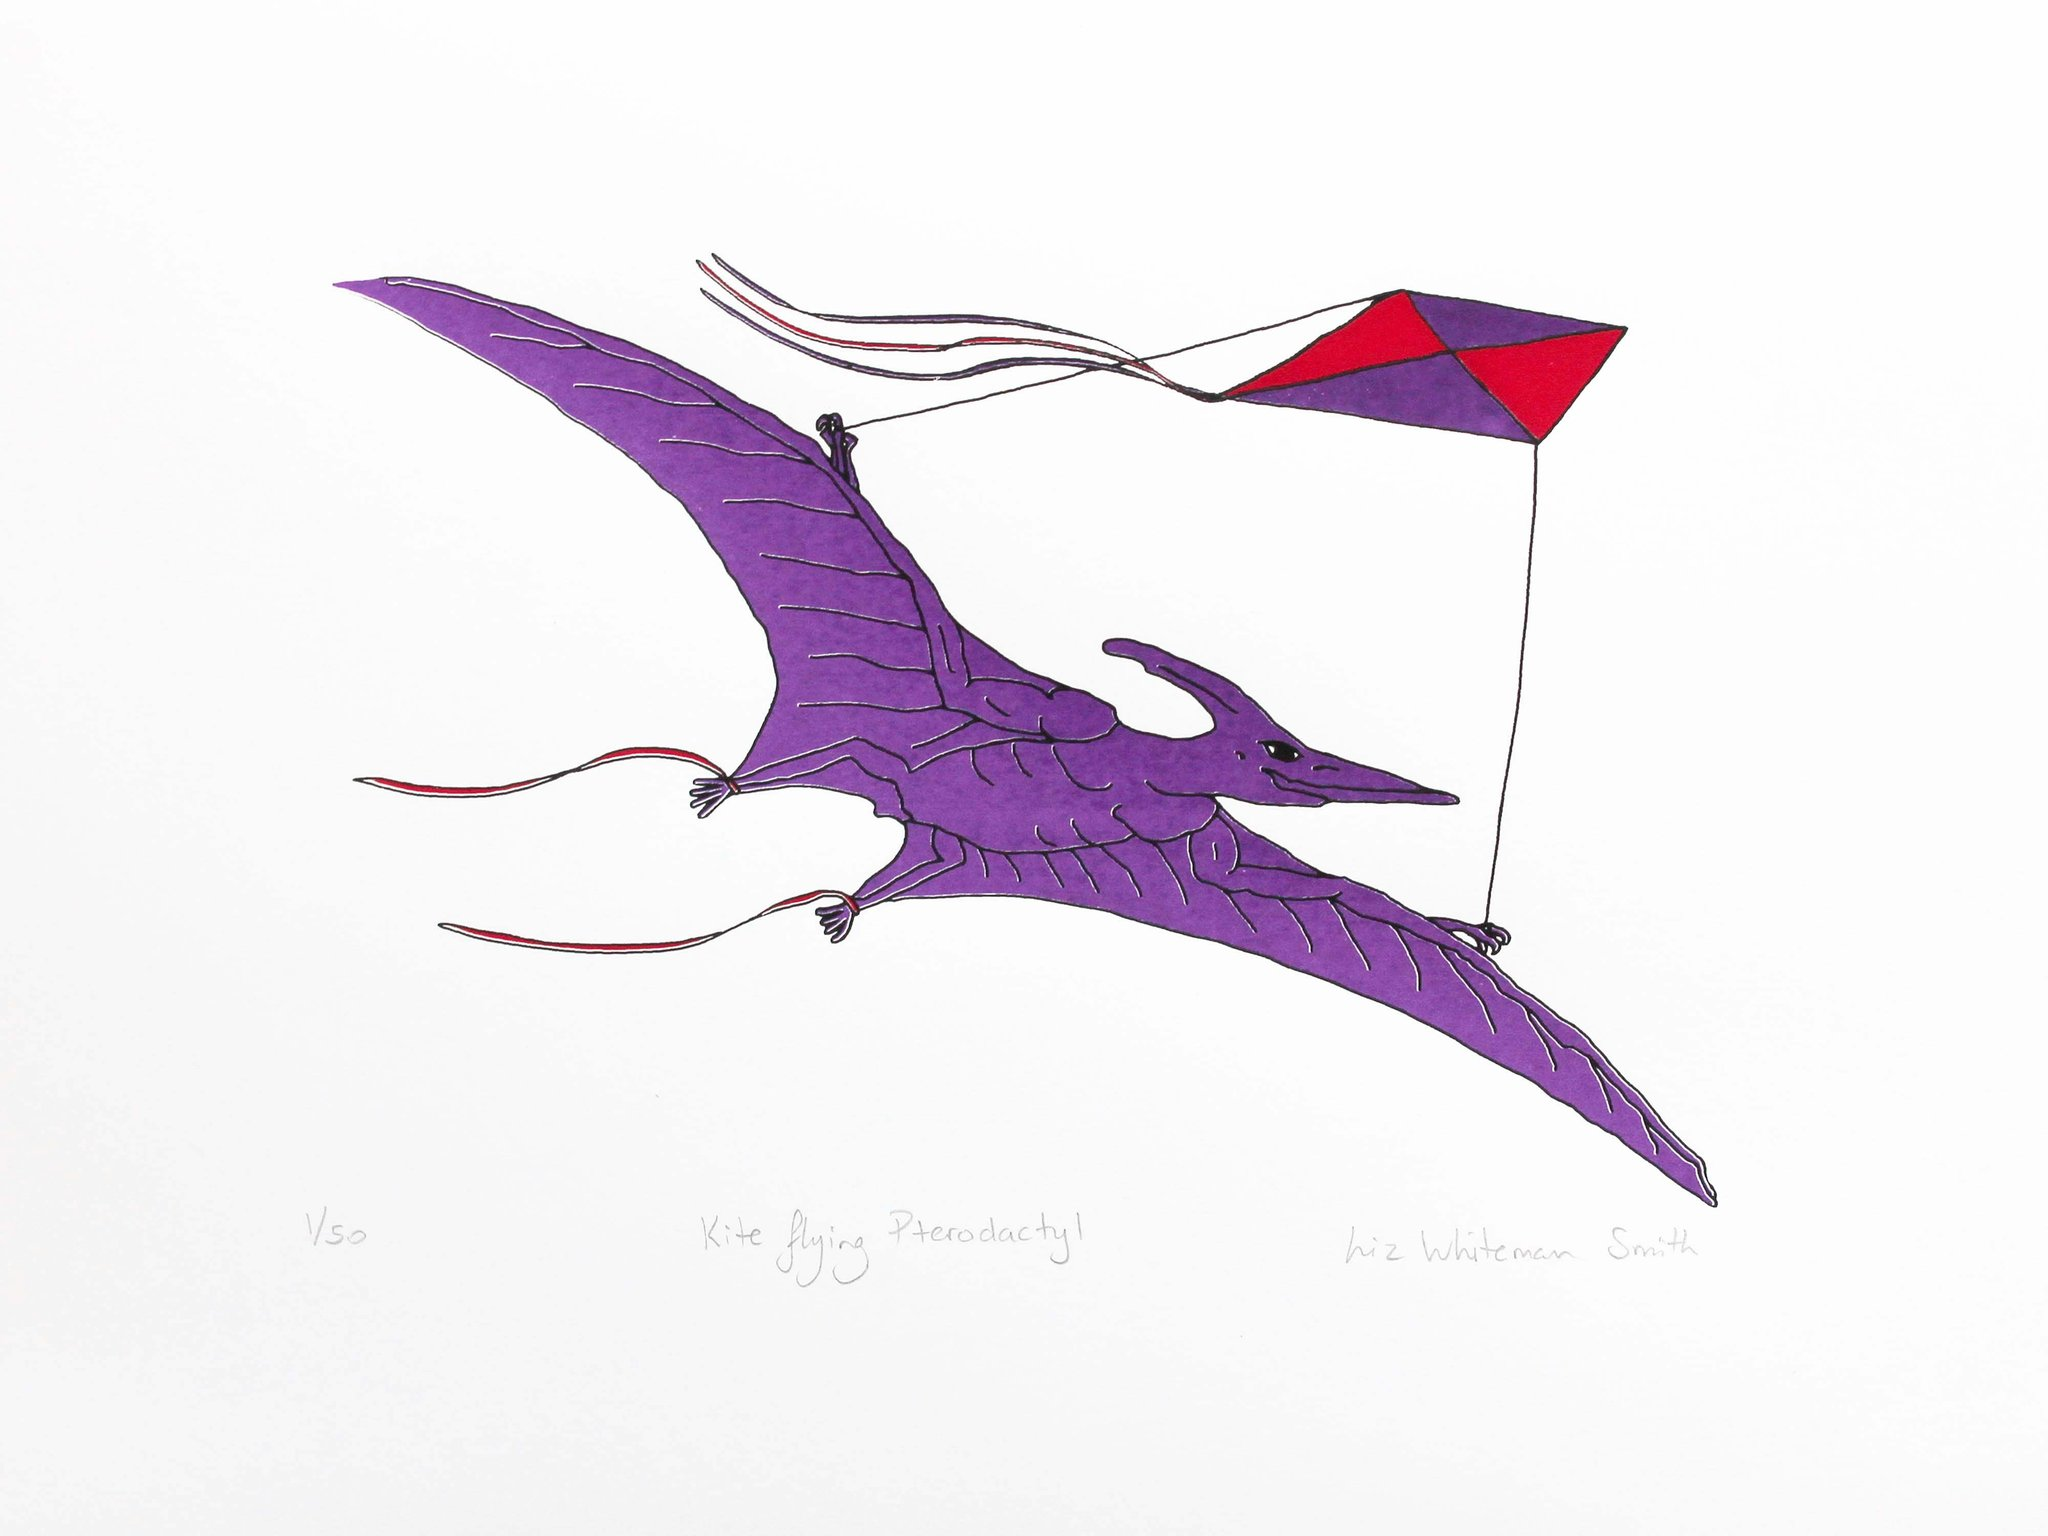 2048x1536 Kite Flying Pterodactyl Liz Whiteman Smith